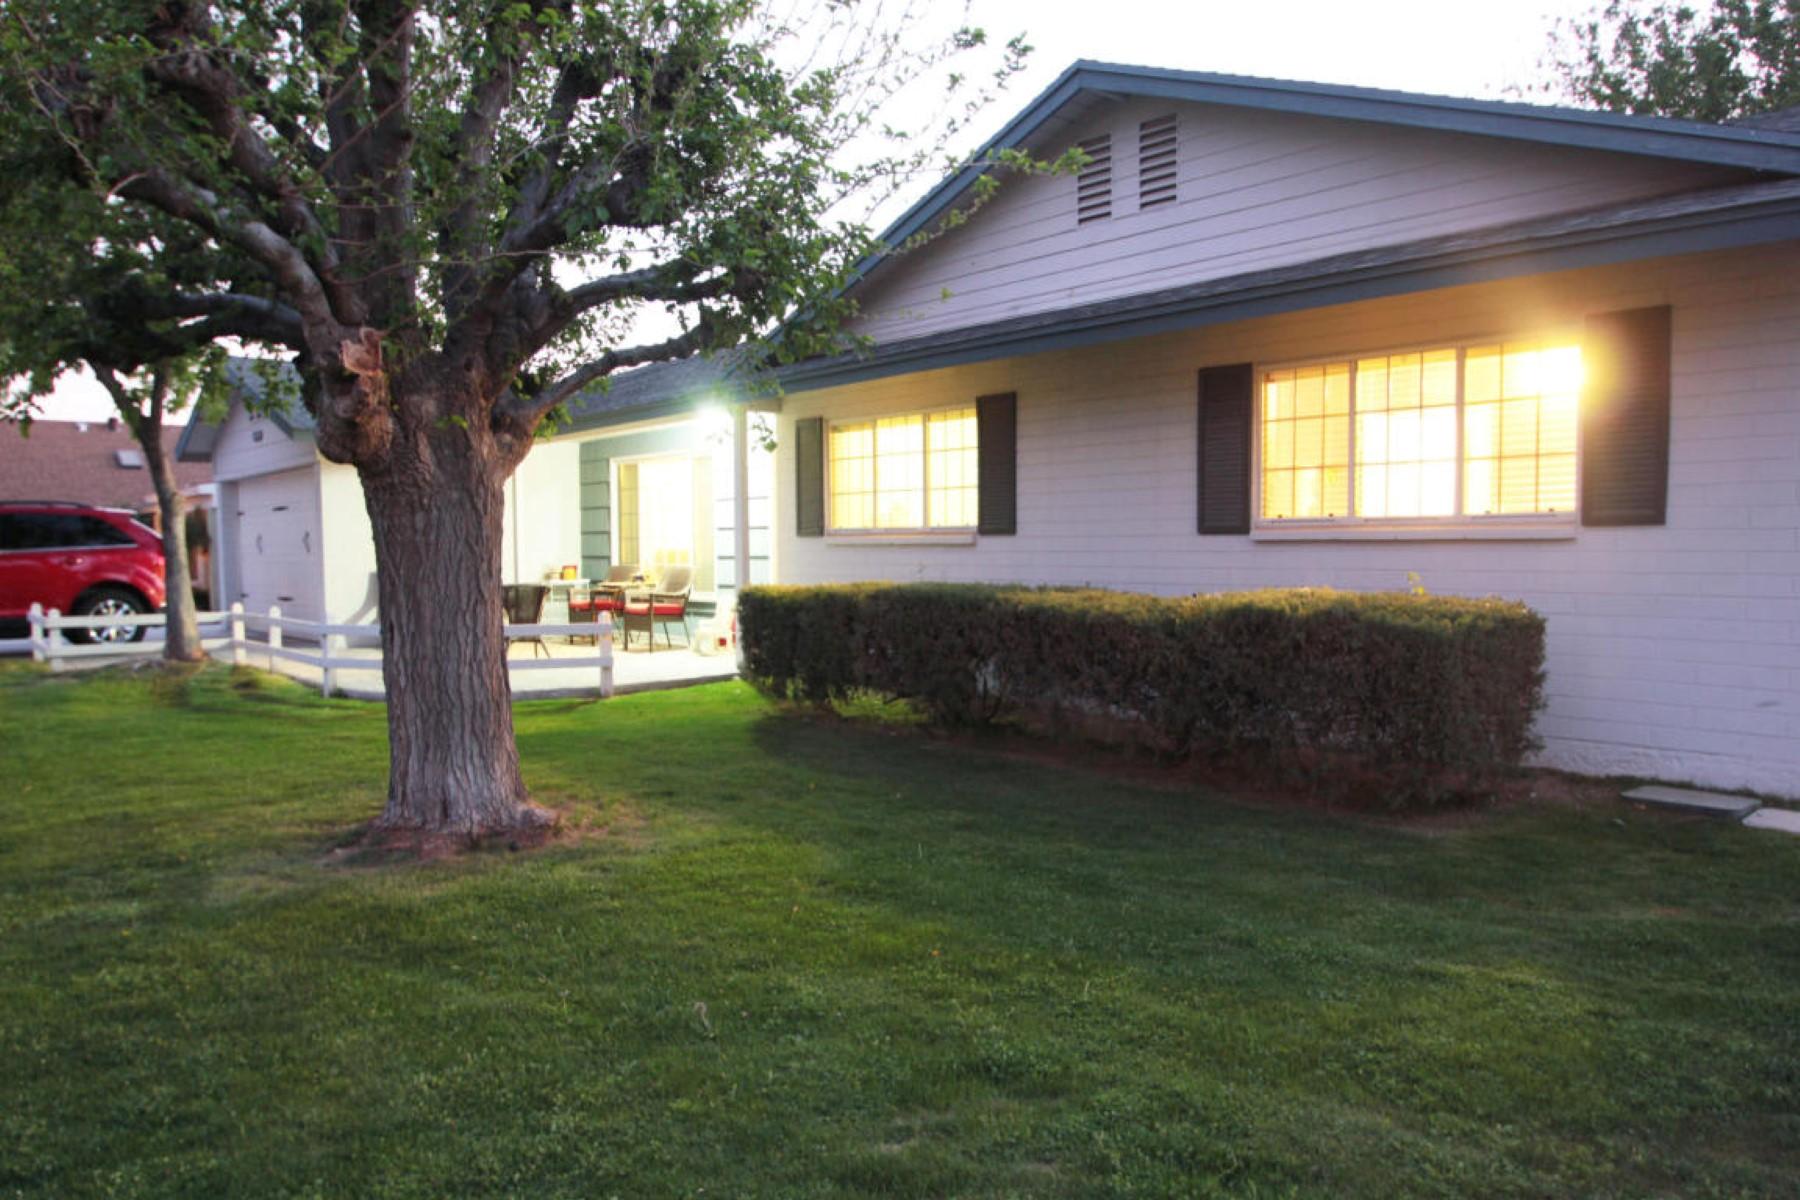 一戸建て のために 売買 アット Charming home in Kadhina Estates 3850 N 50th St Phoenix, アリゾナ, 85018 アメリカ合衆国